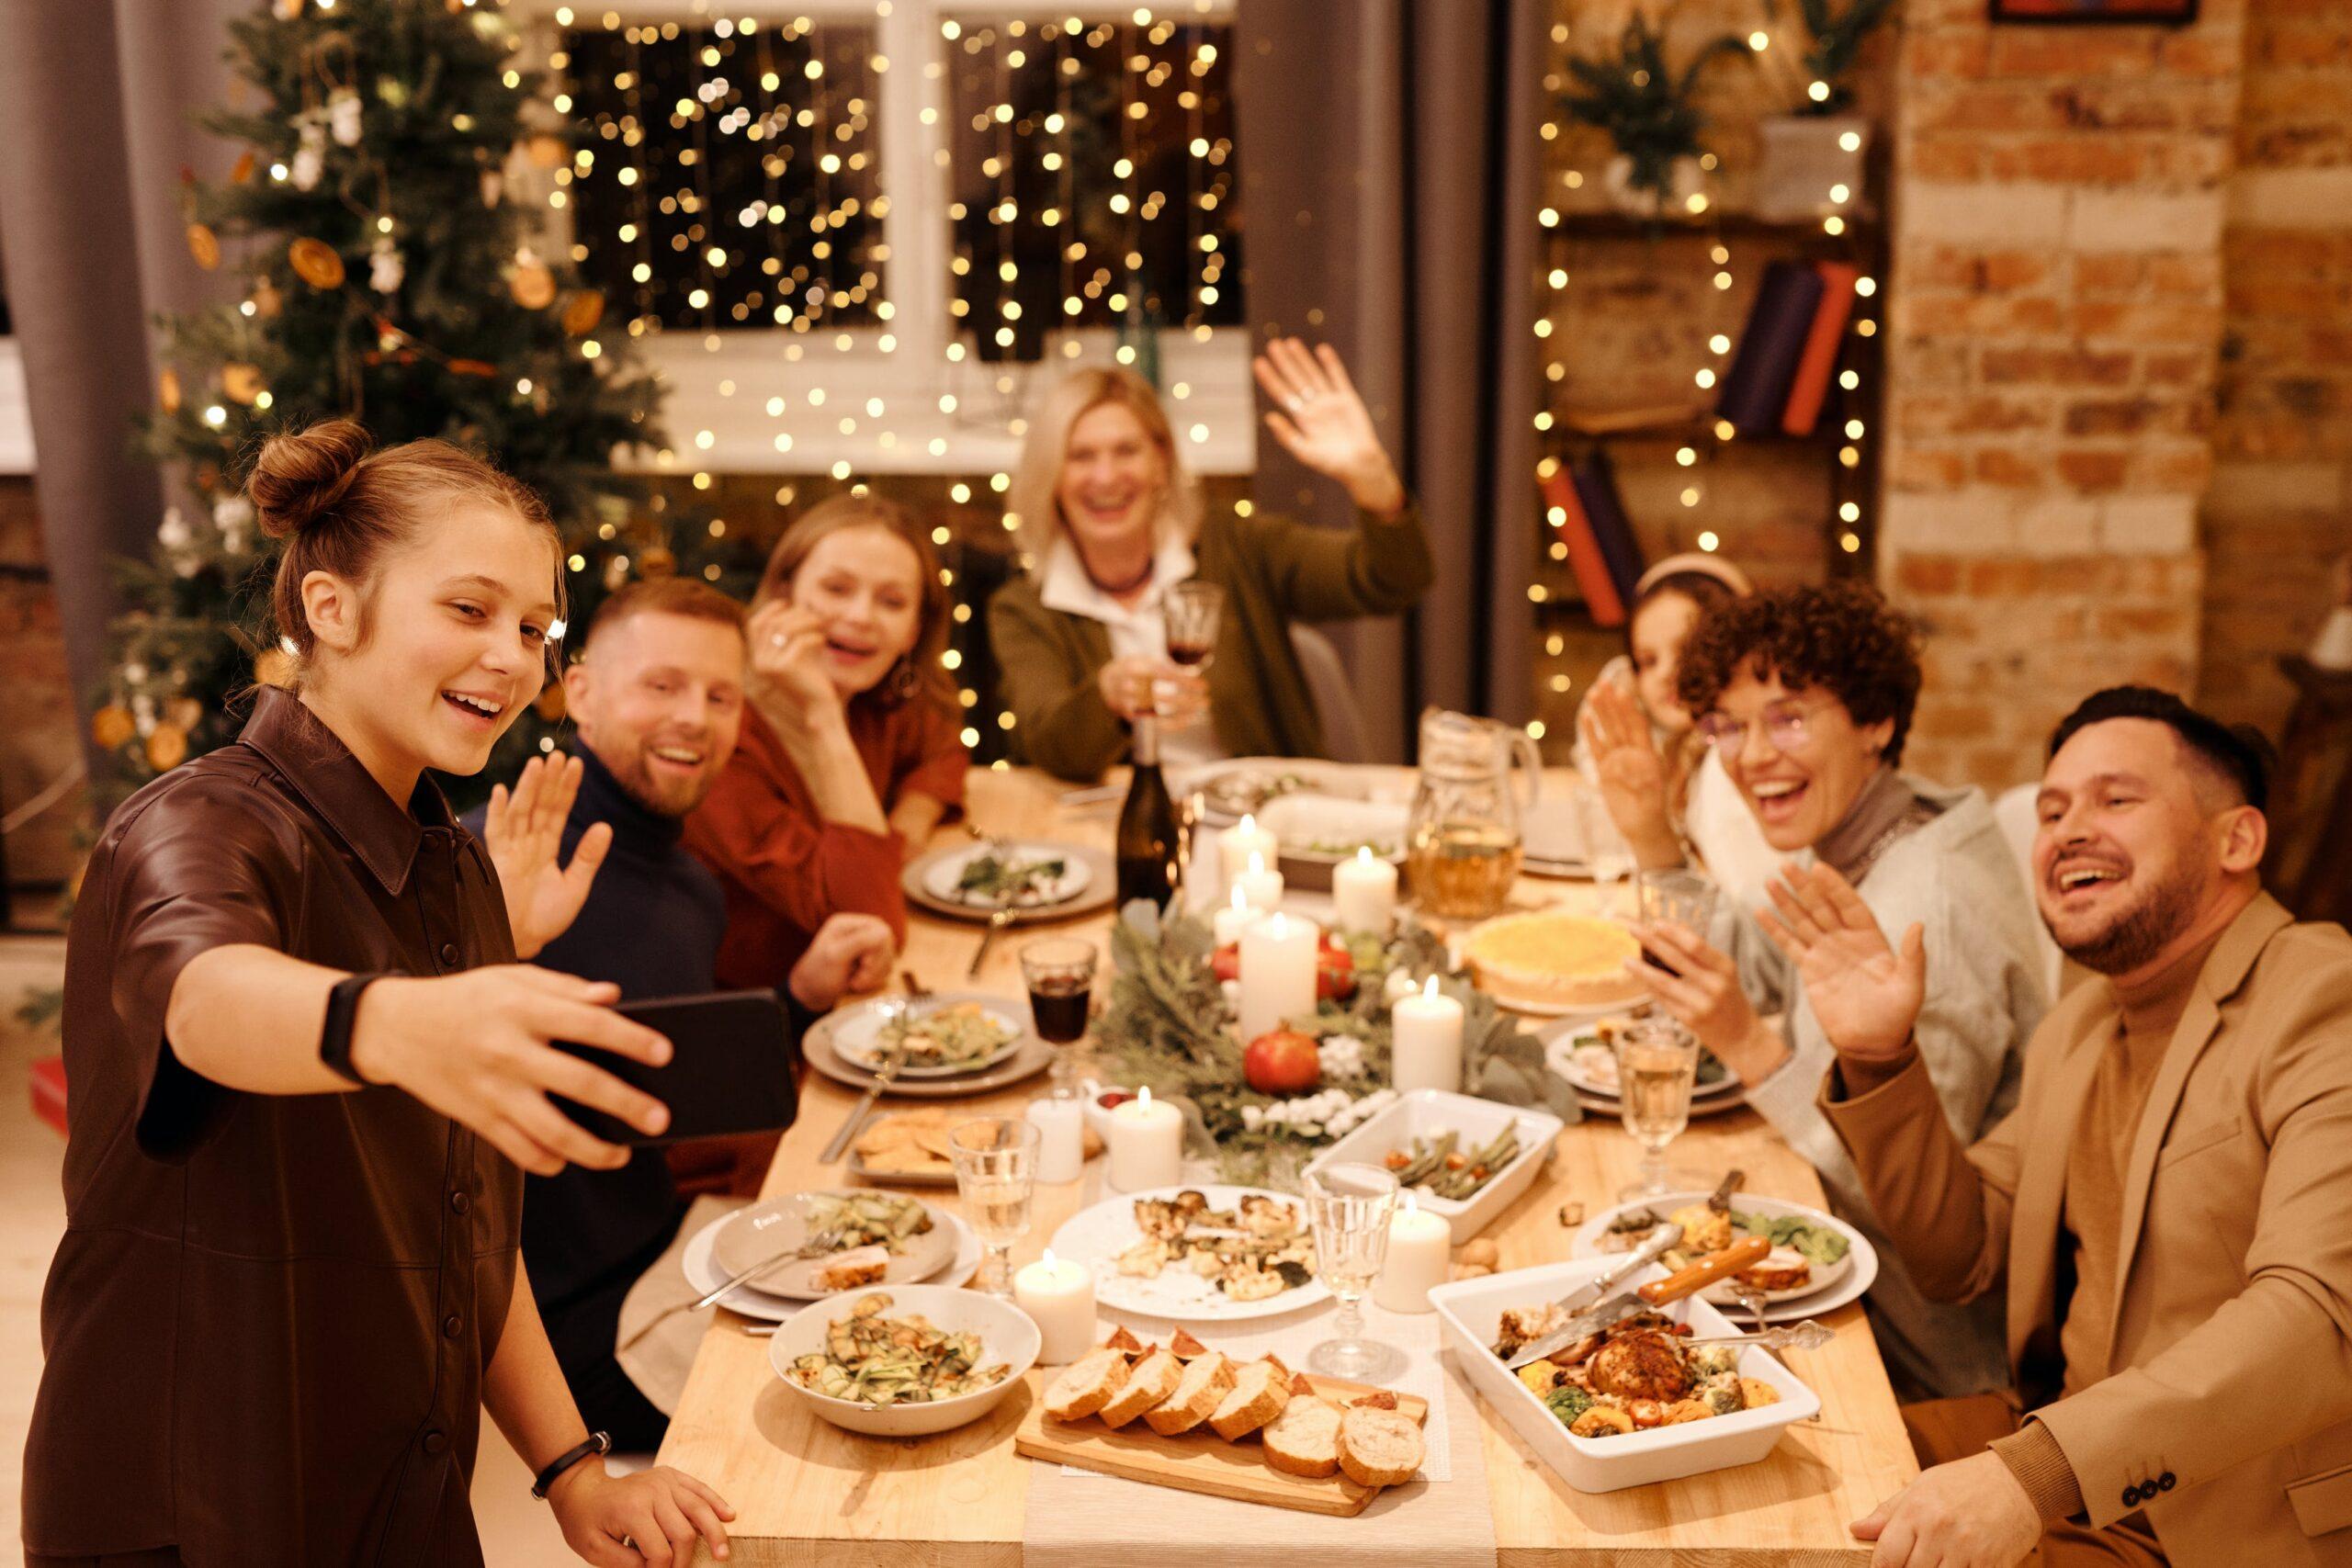 Żywienie podczas imprez i wizyt w restauracji